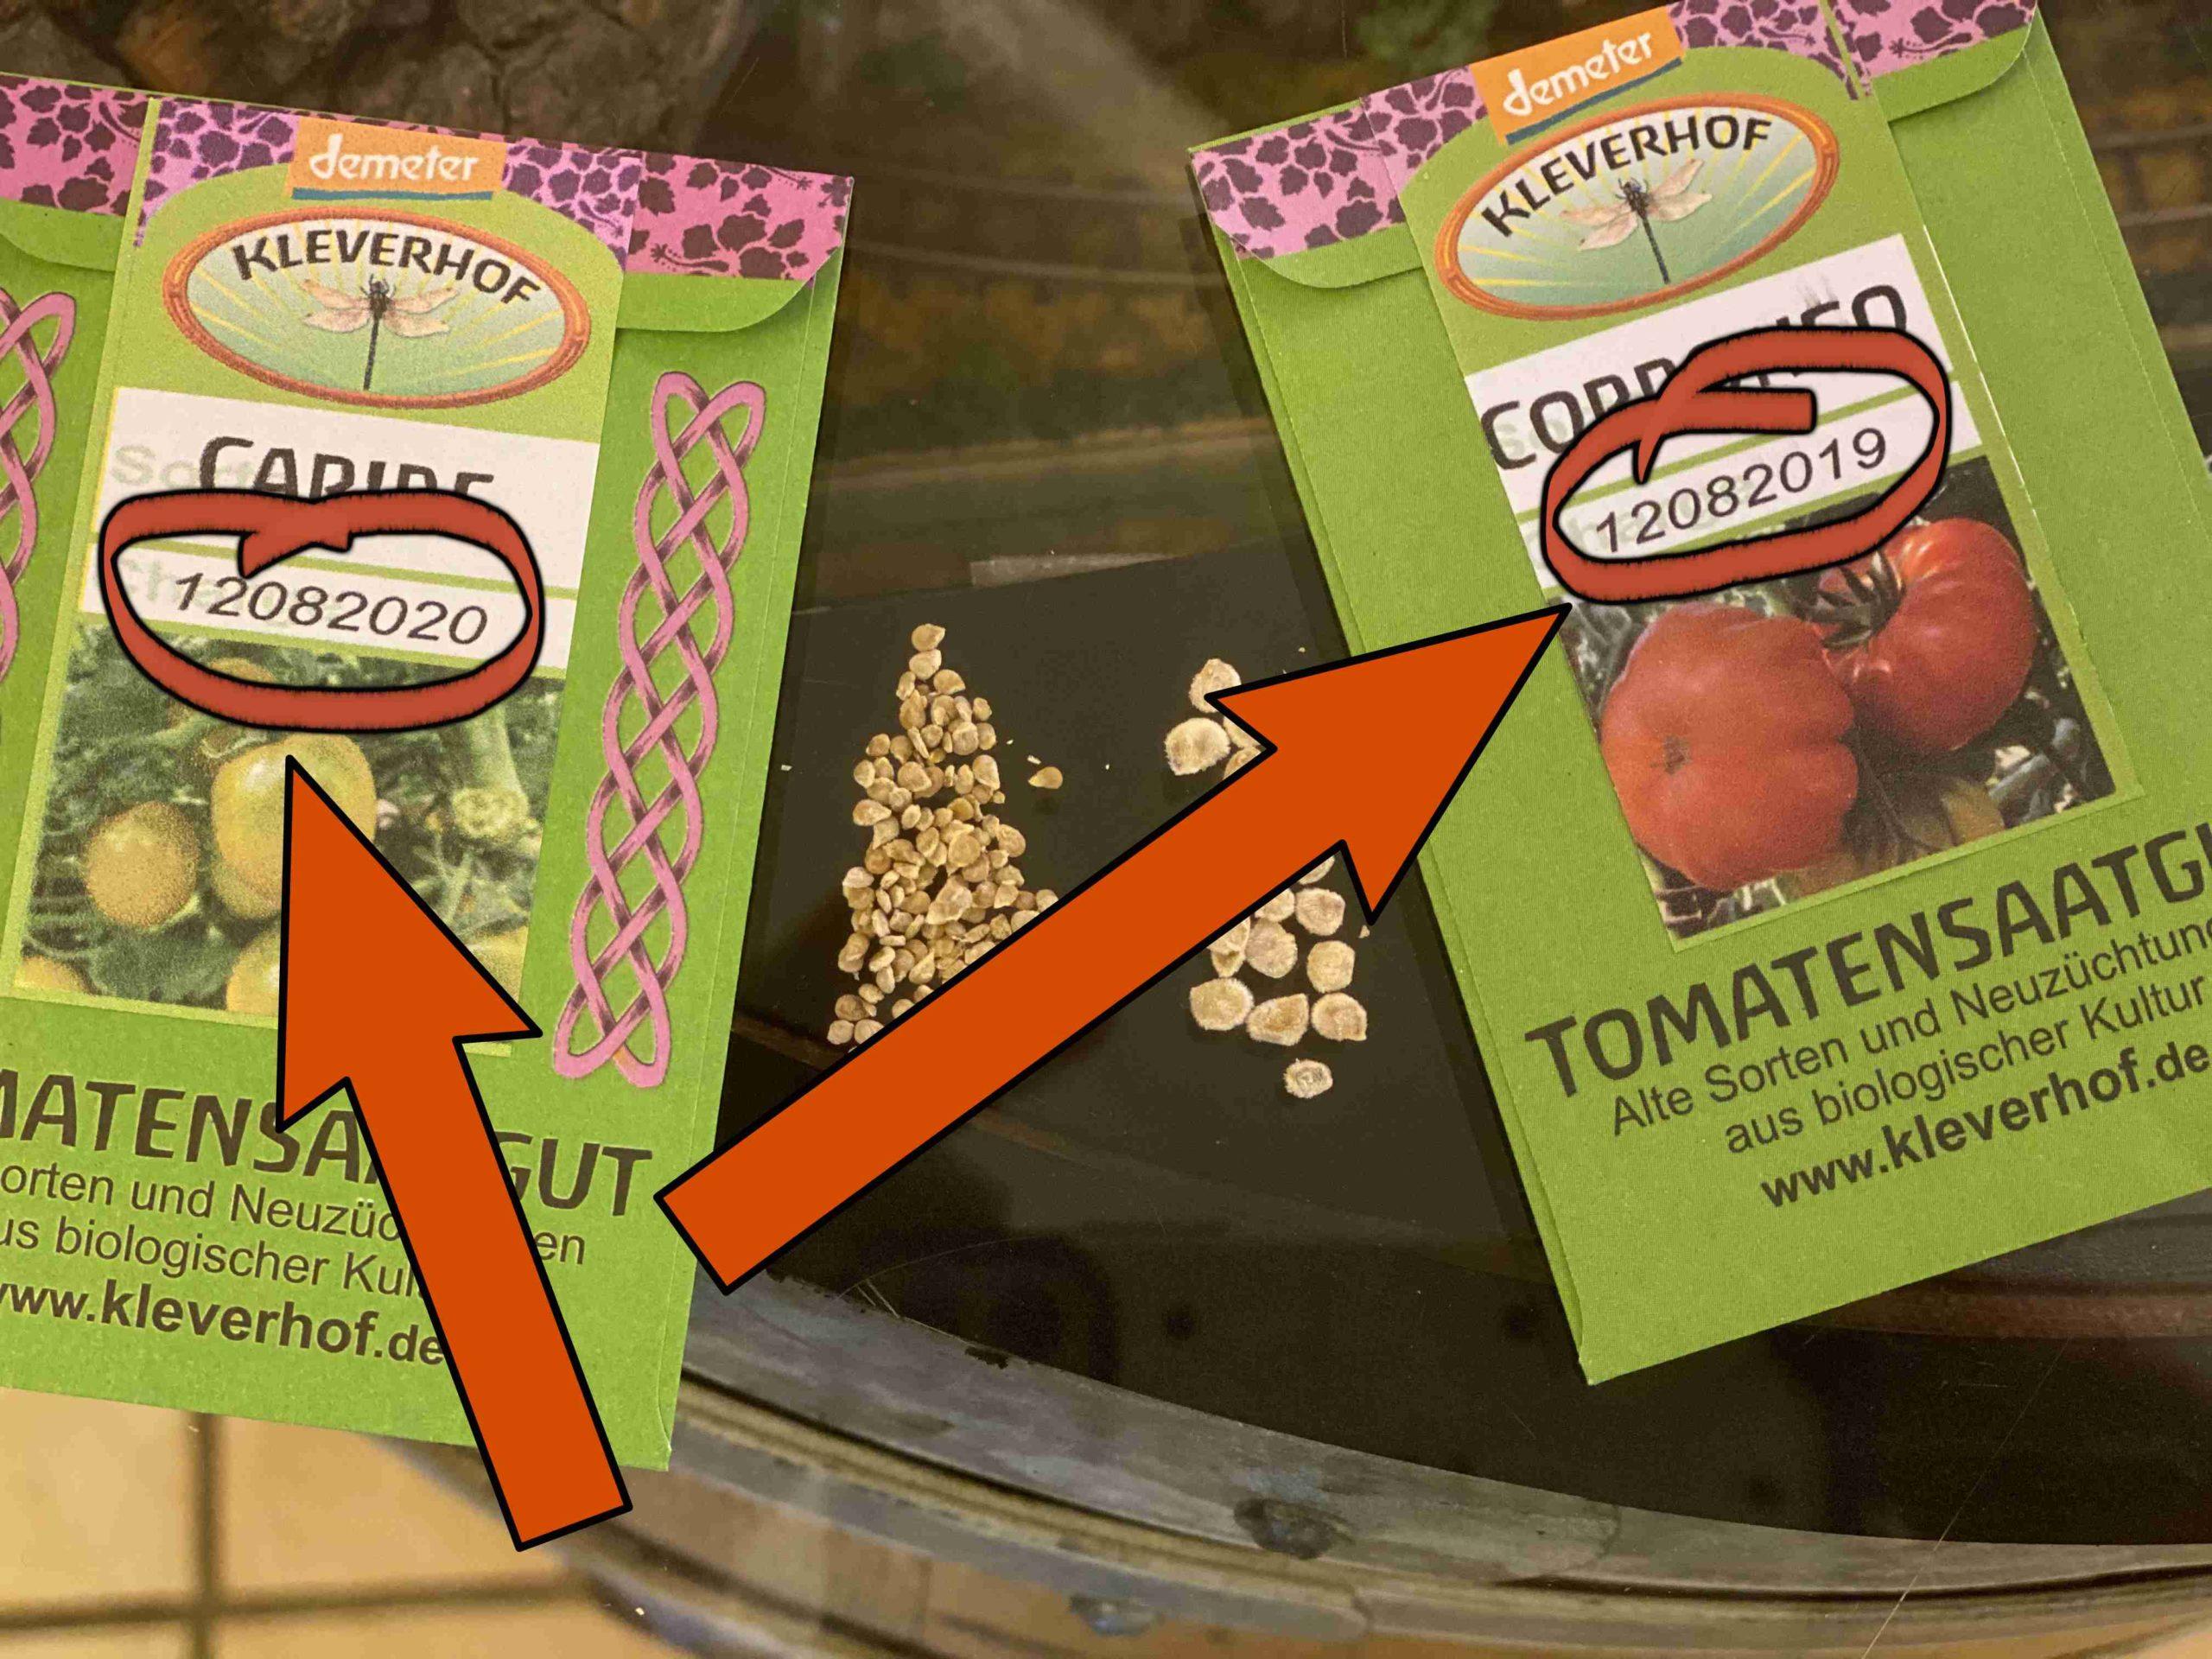 Unser Tomaten-Saatgut für den Verkauf ist nicht älter als 4 Jahre. Die Chargen-Nummer verrät Dir, wann wir mit der Entnahme begonnen haben. Die Sorte Caribe ist aus dem Jahr 2020, Corrongo aus dem Jahr 2019.